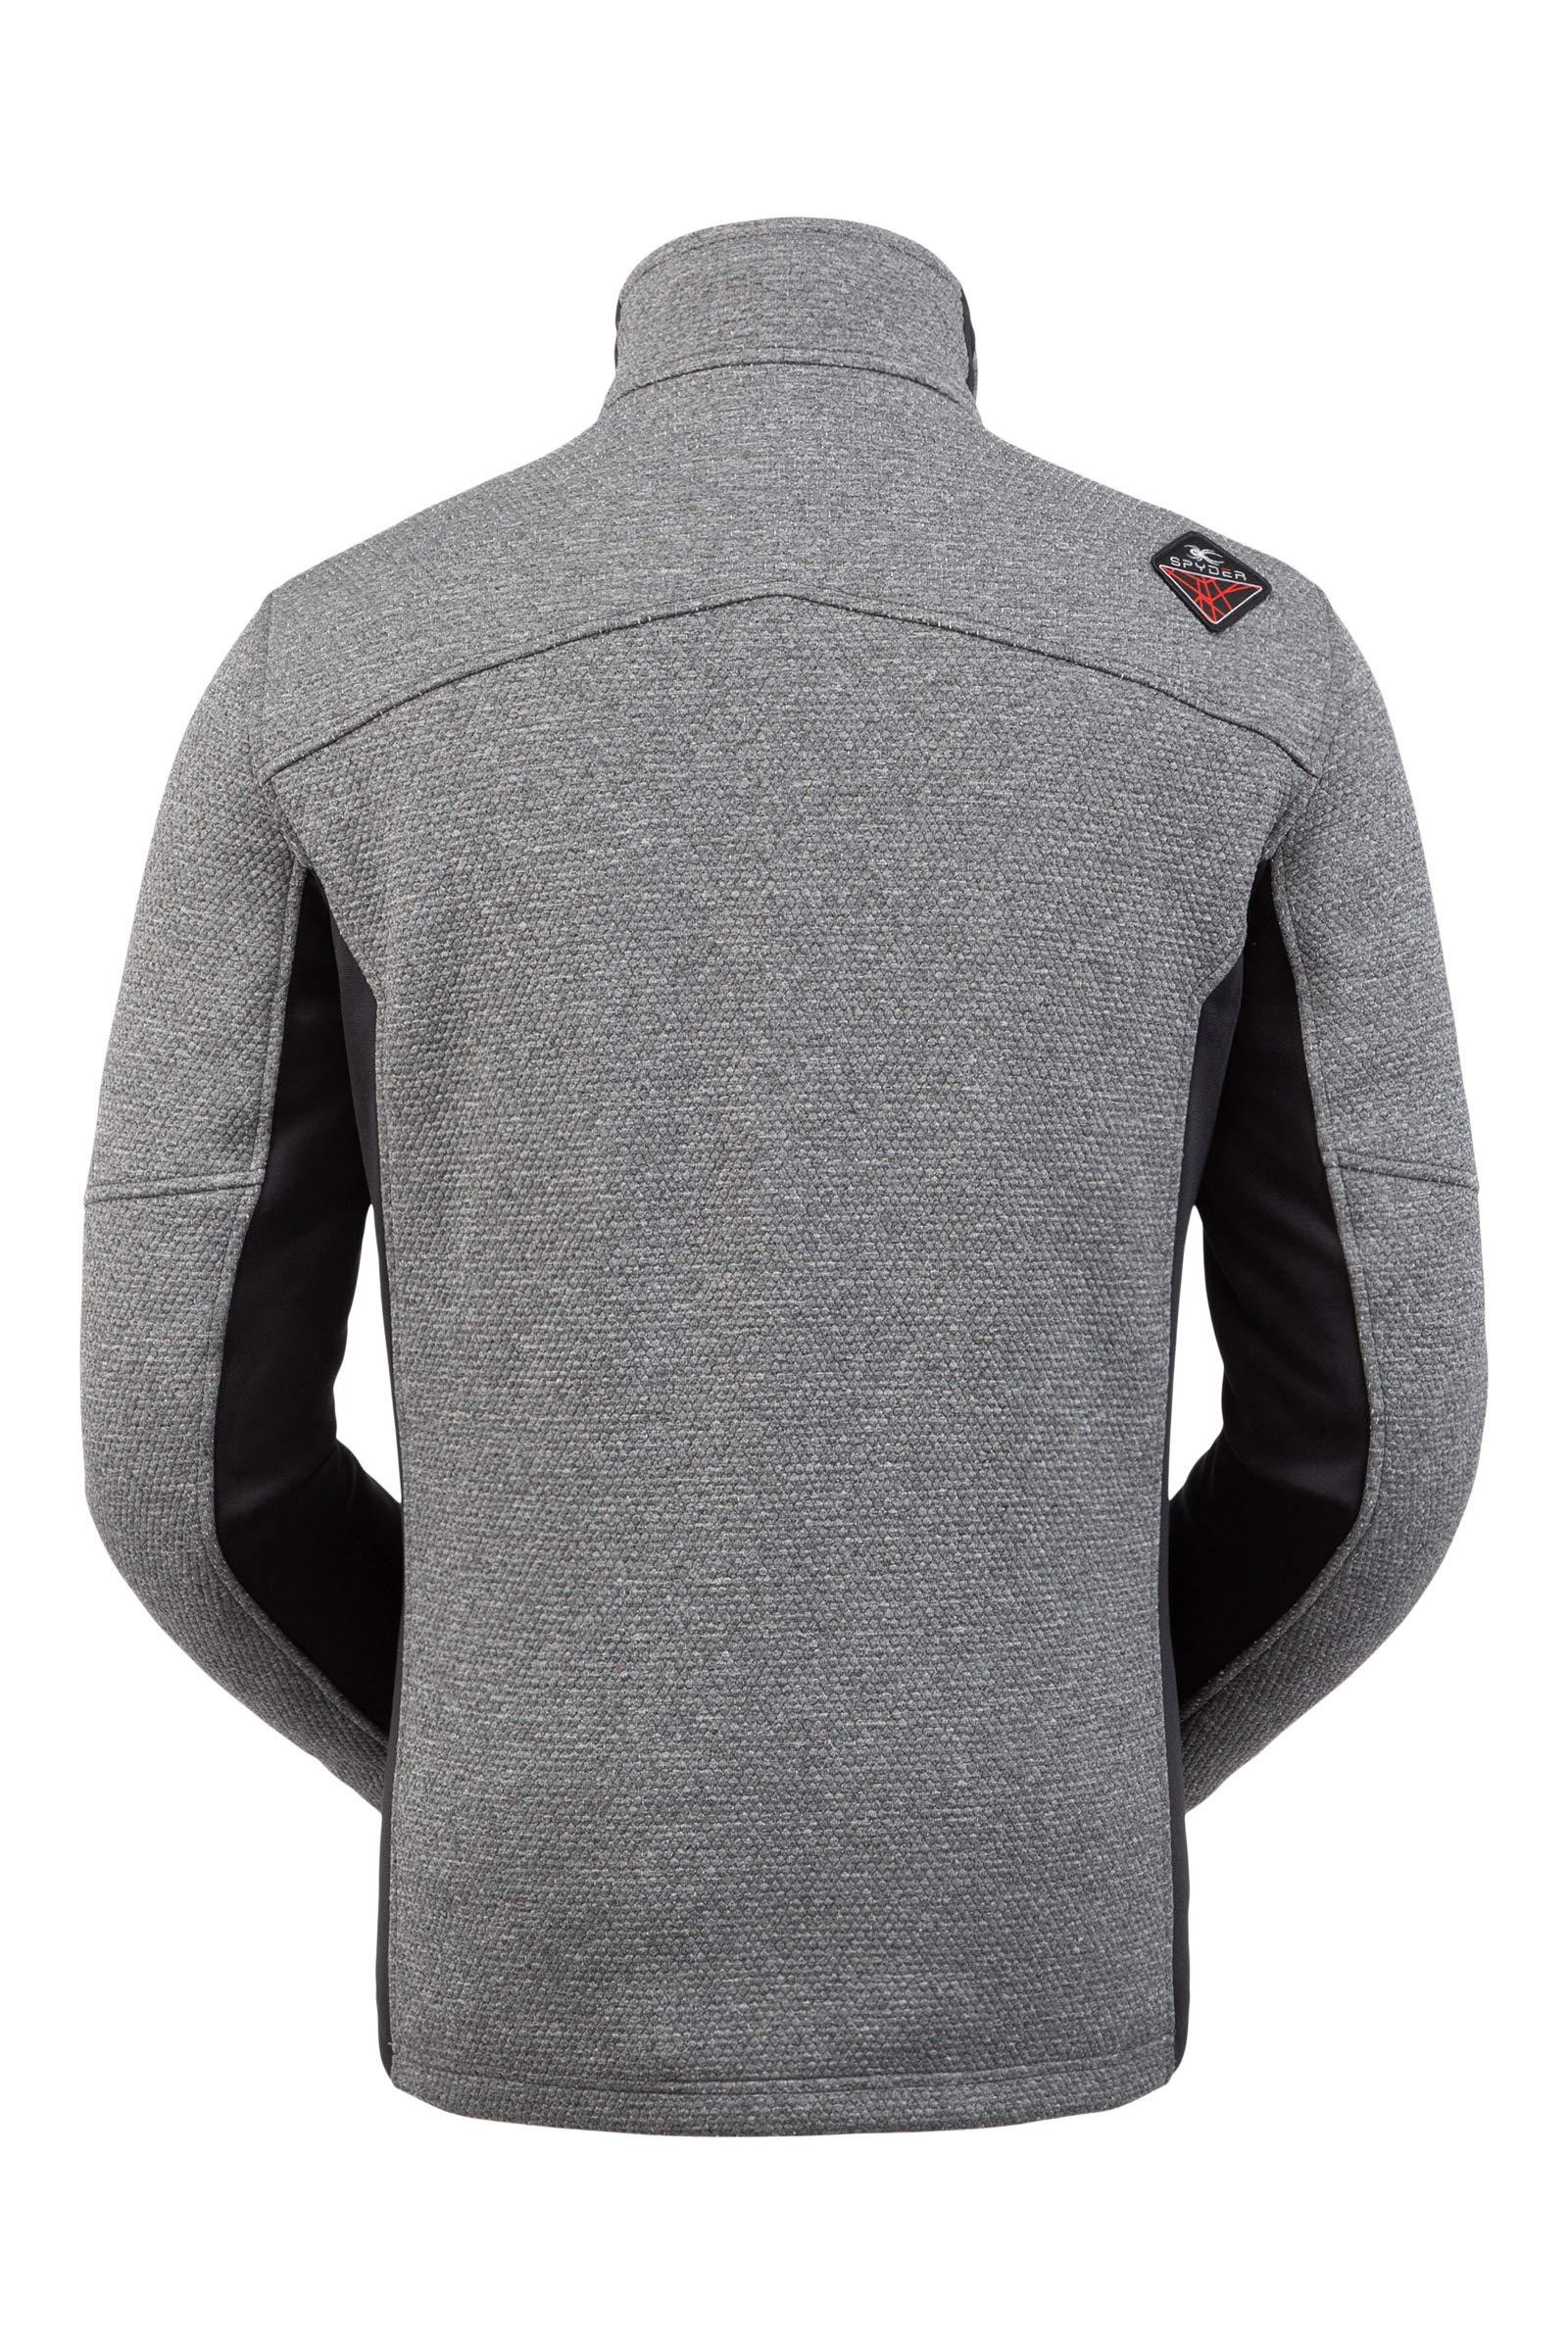 Spyder Men's Wengen Encore Fleece Jacket – Full Zip Sweater